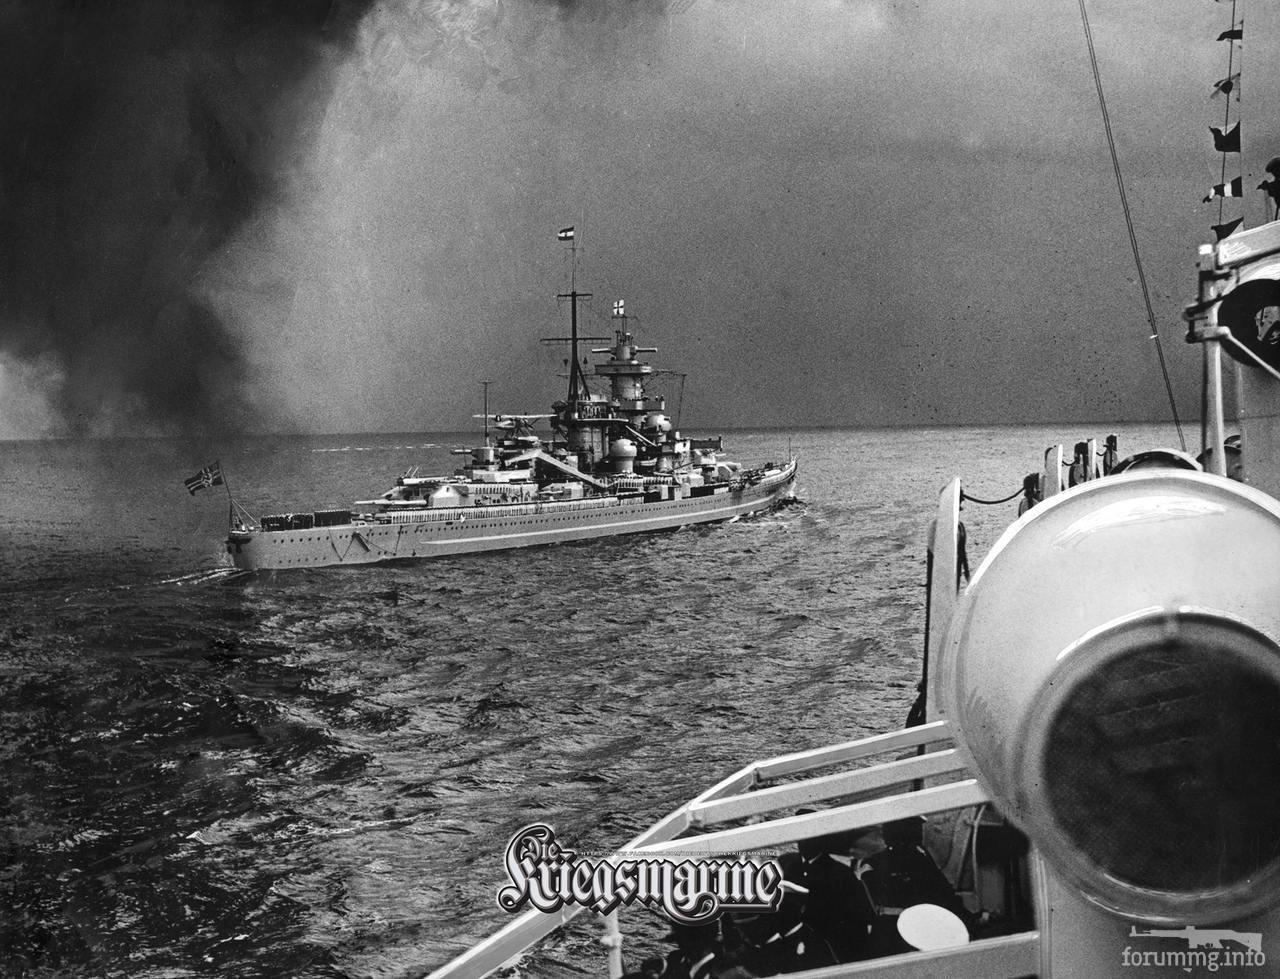 119560 - Линкор Gneisenau на параде в Кильской бухте, 22 августа 1938 г.